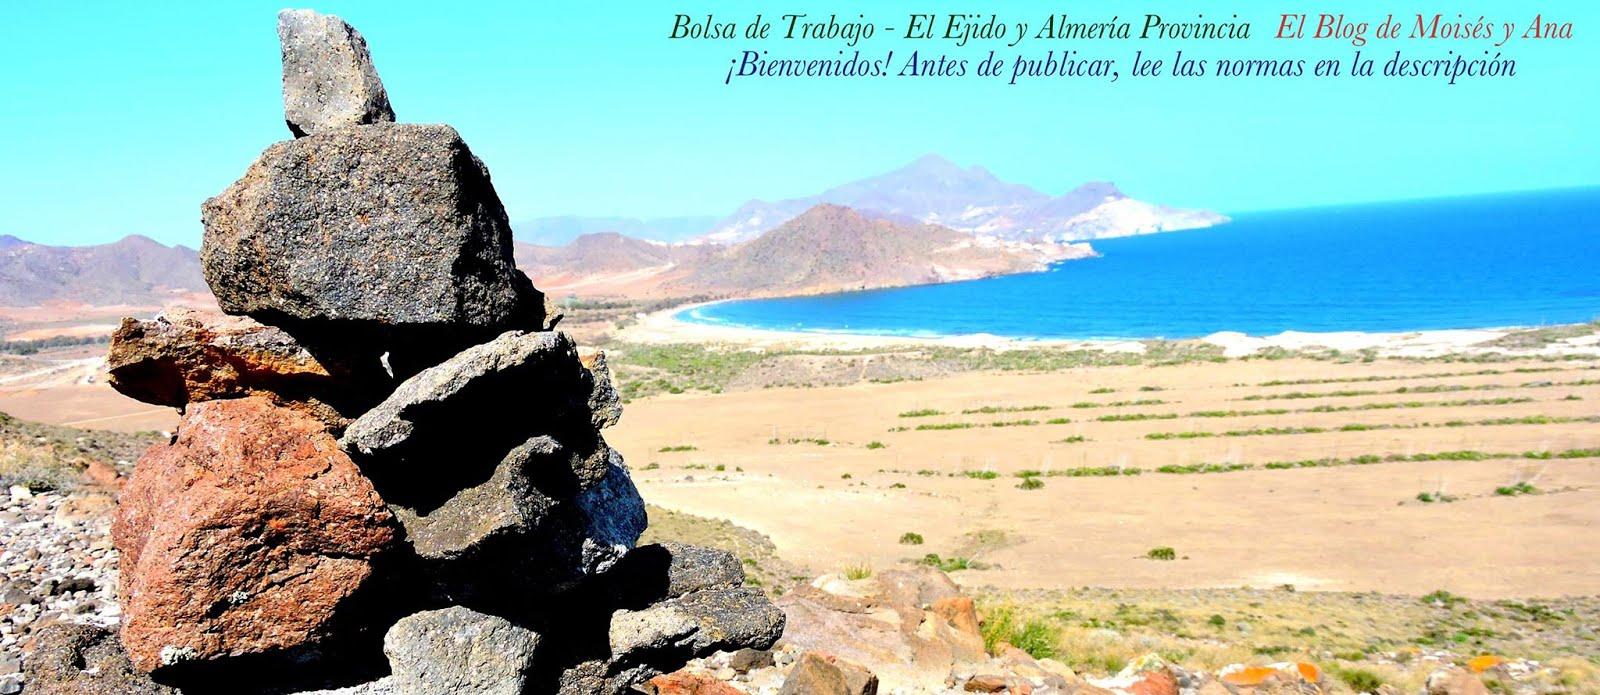 Bolsa de Trabajo - El Ejido y Almería Provincia